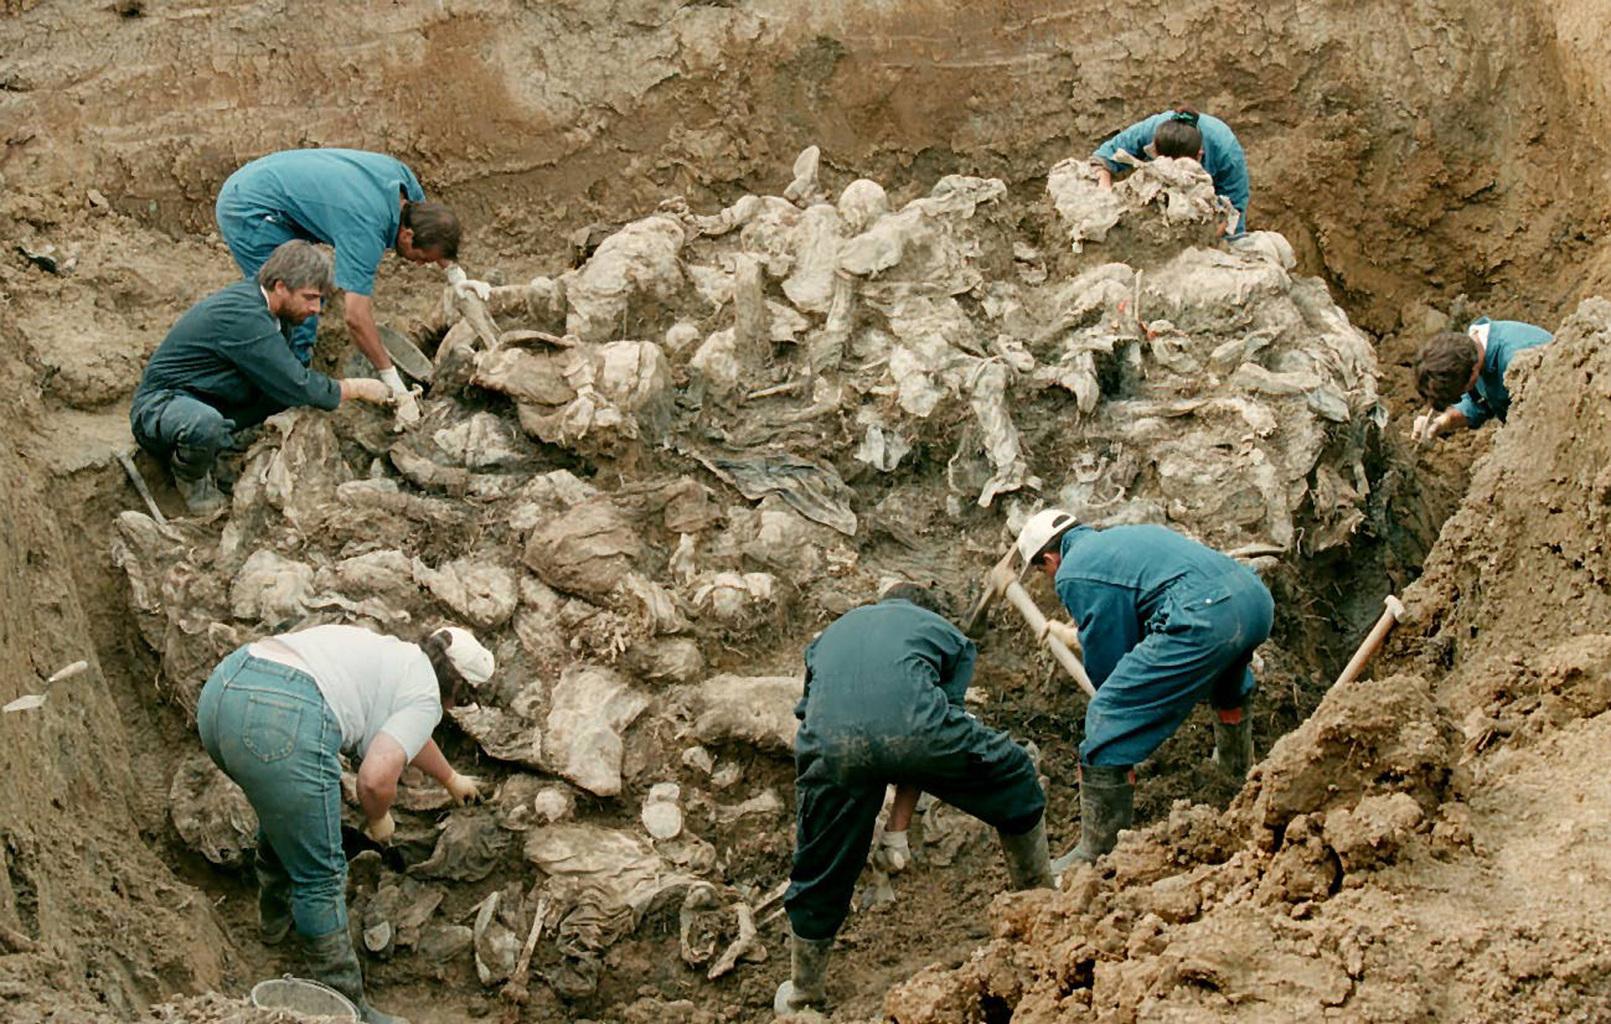 A srebrenicai tömegsír feltárása 1996-ban #moszkvater